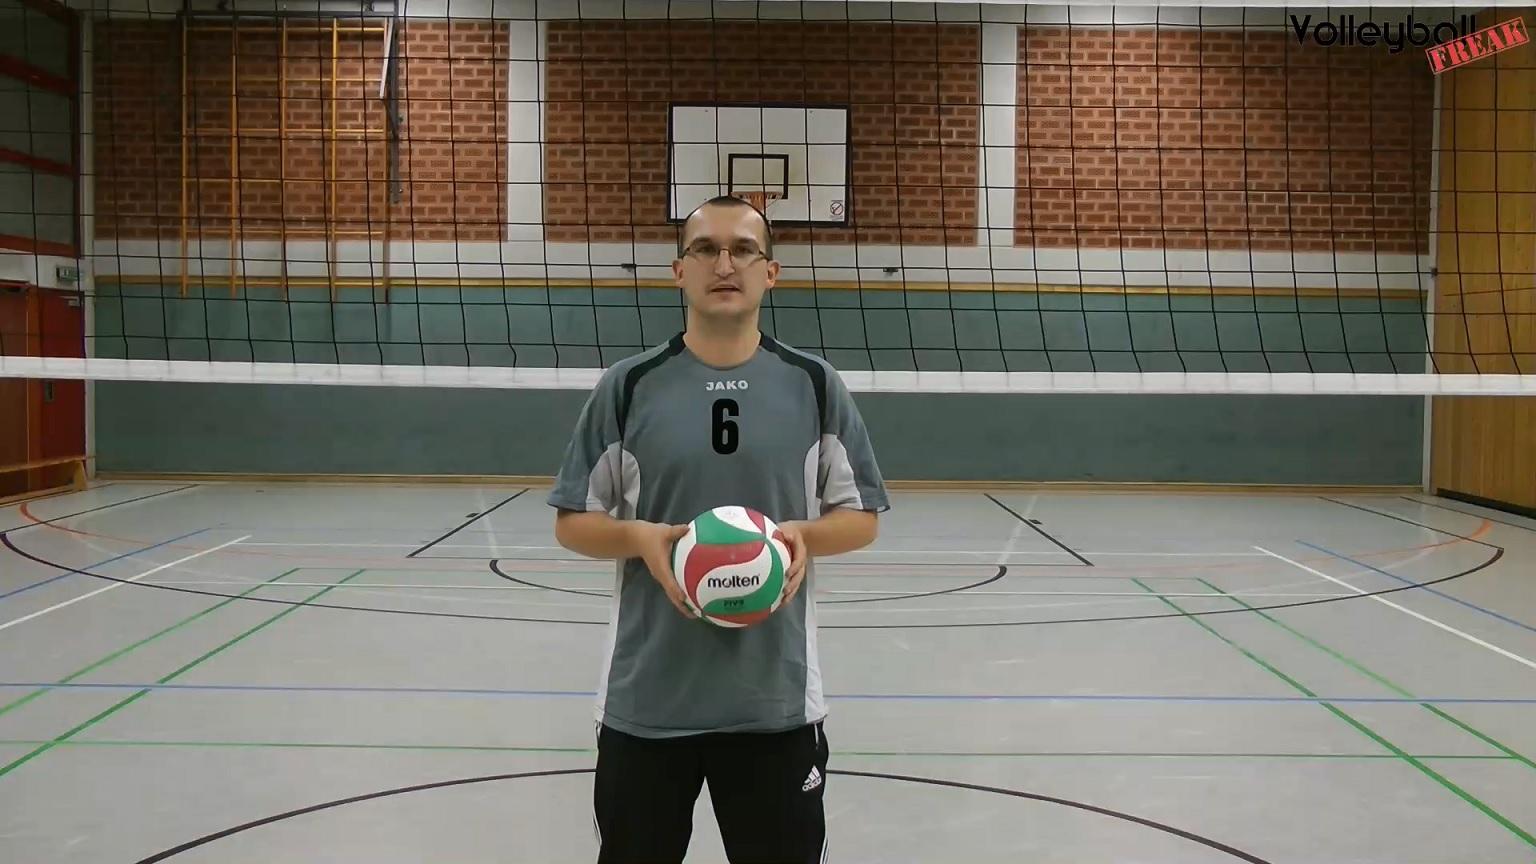 Premierenzeit beim Volleyballfreak!